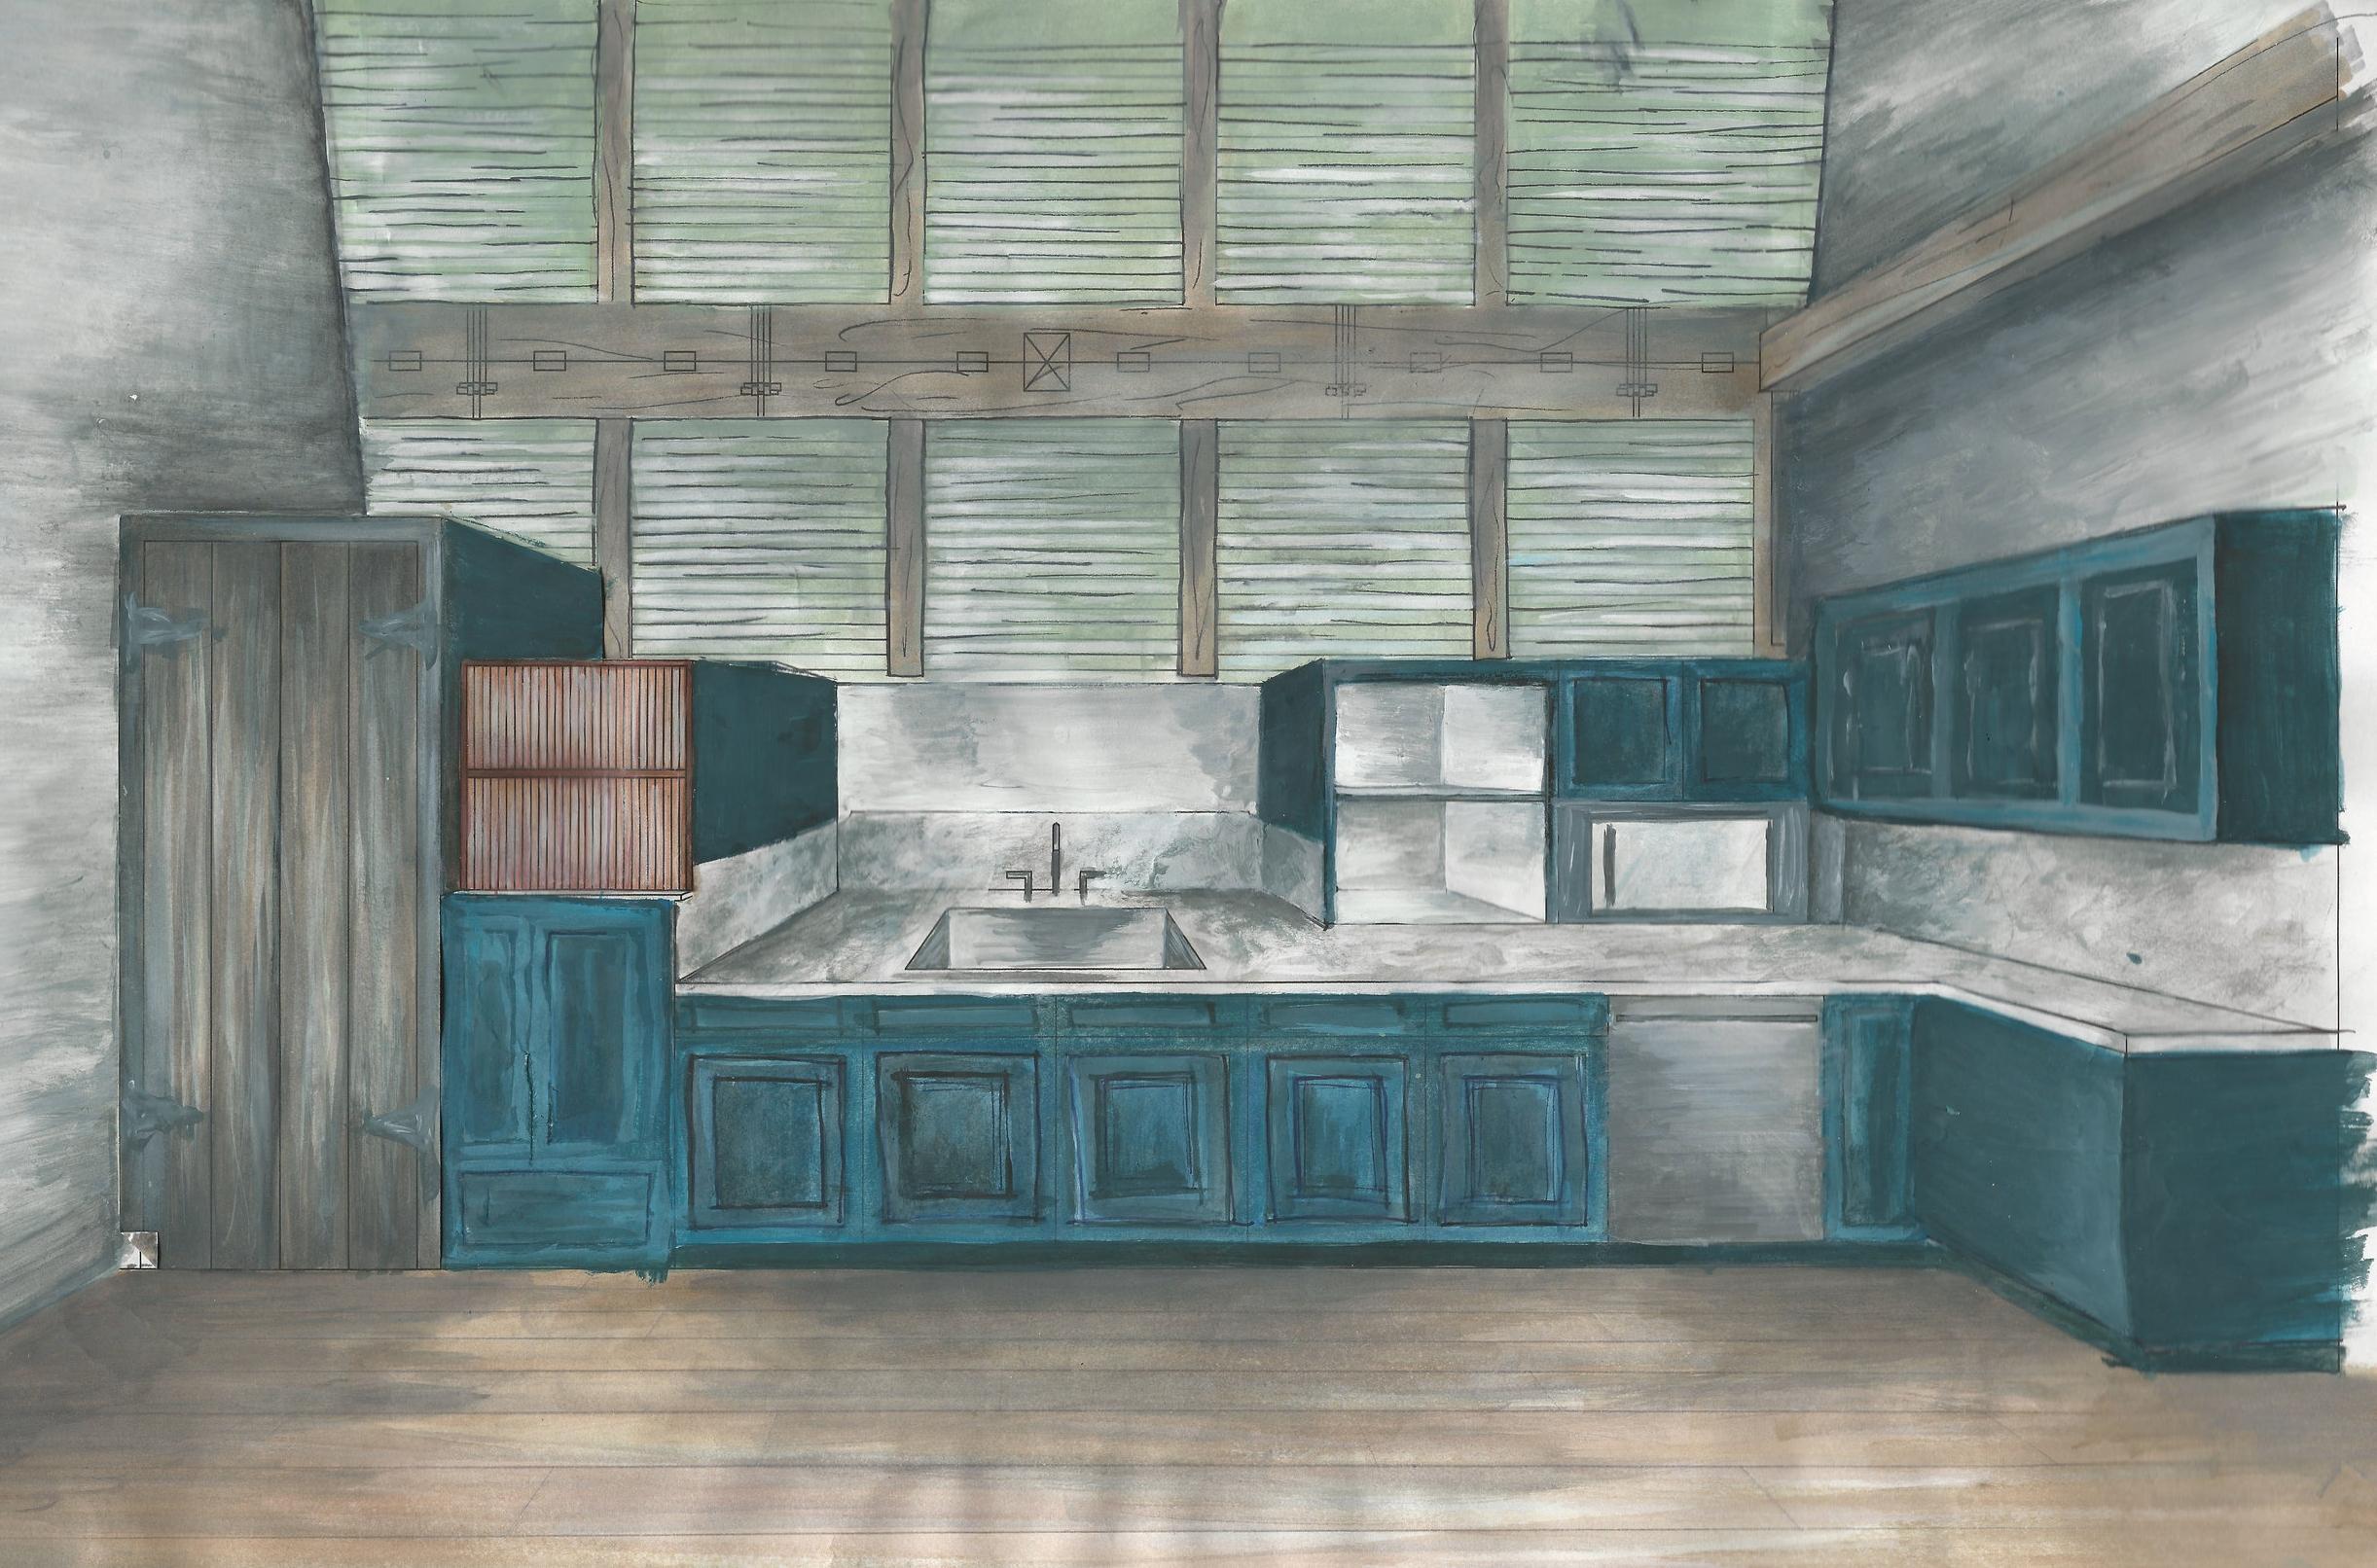 JarrardCole_kitchen rendering concept WIP!.jpg